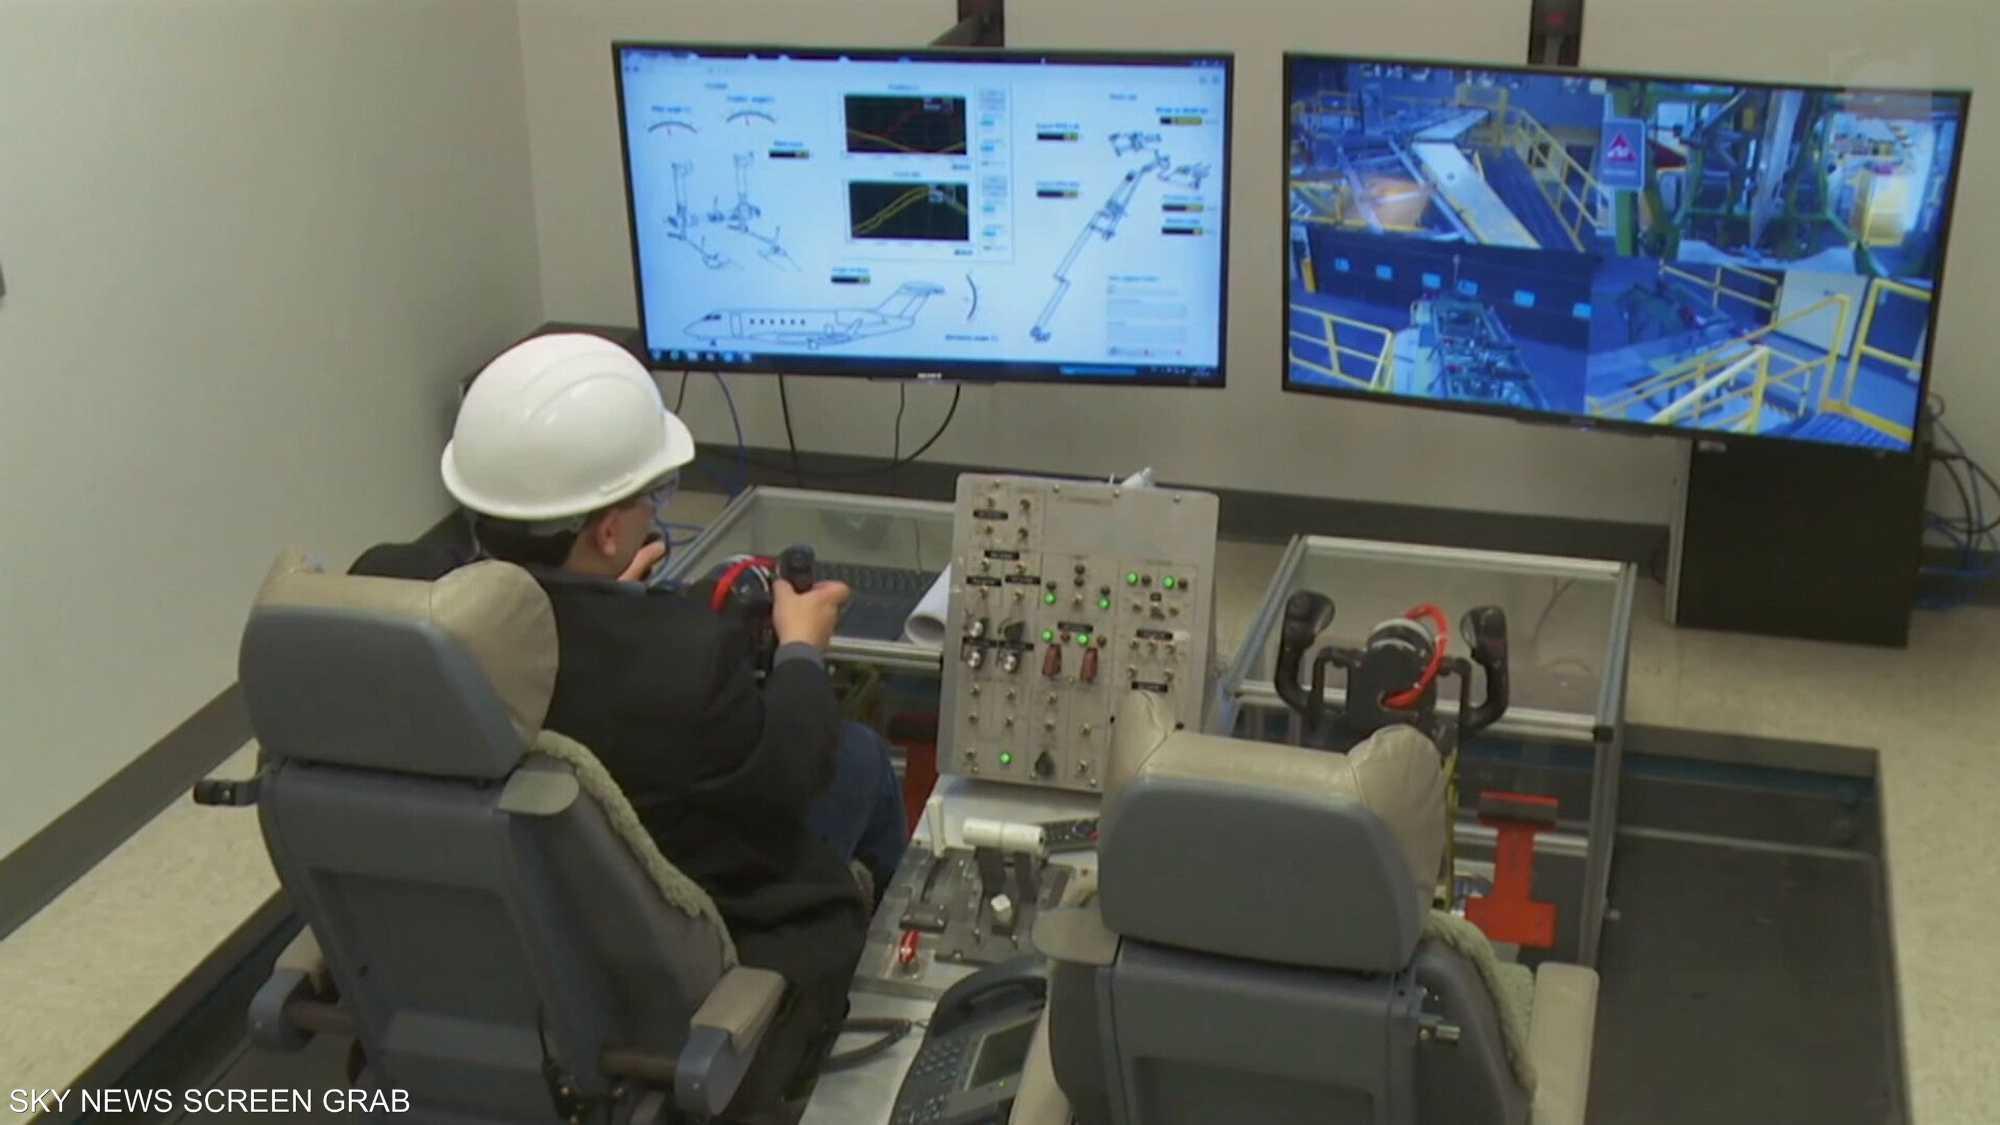 دراسة هندسة الطيران تضم تصميم أجزاء الطائرة وجمعها